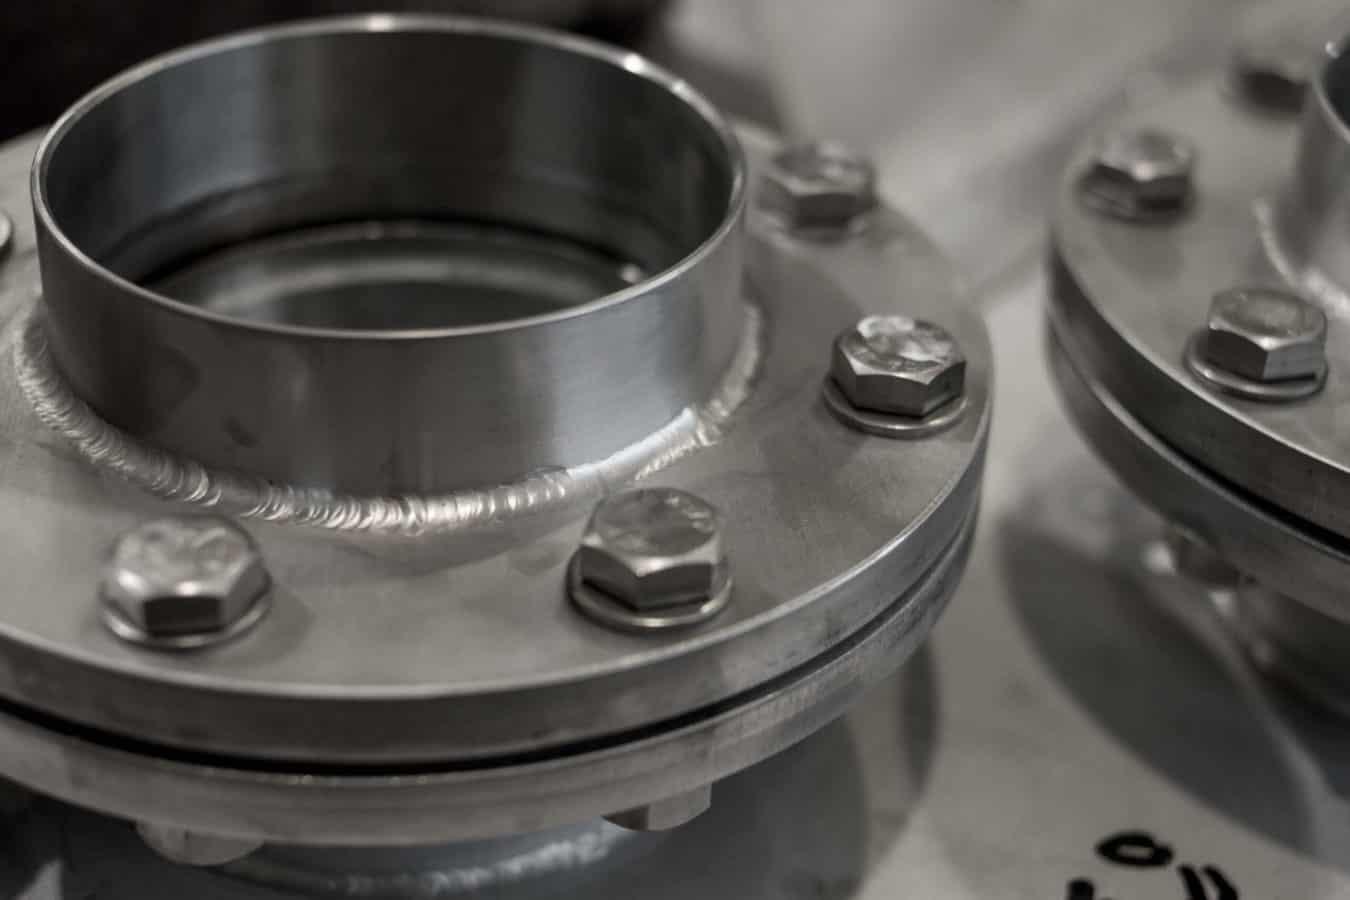 impianto decapaggio acciaio inossidabile